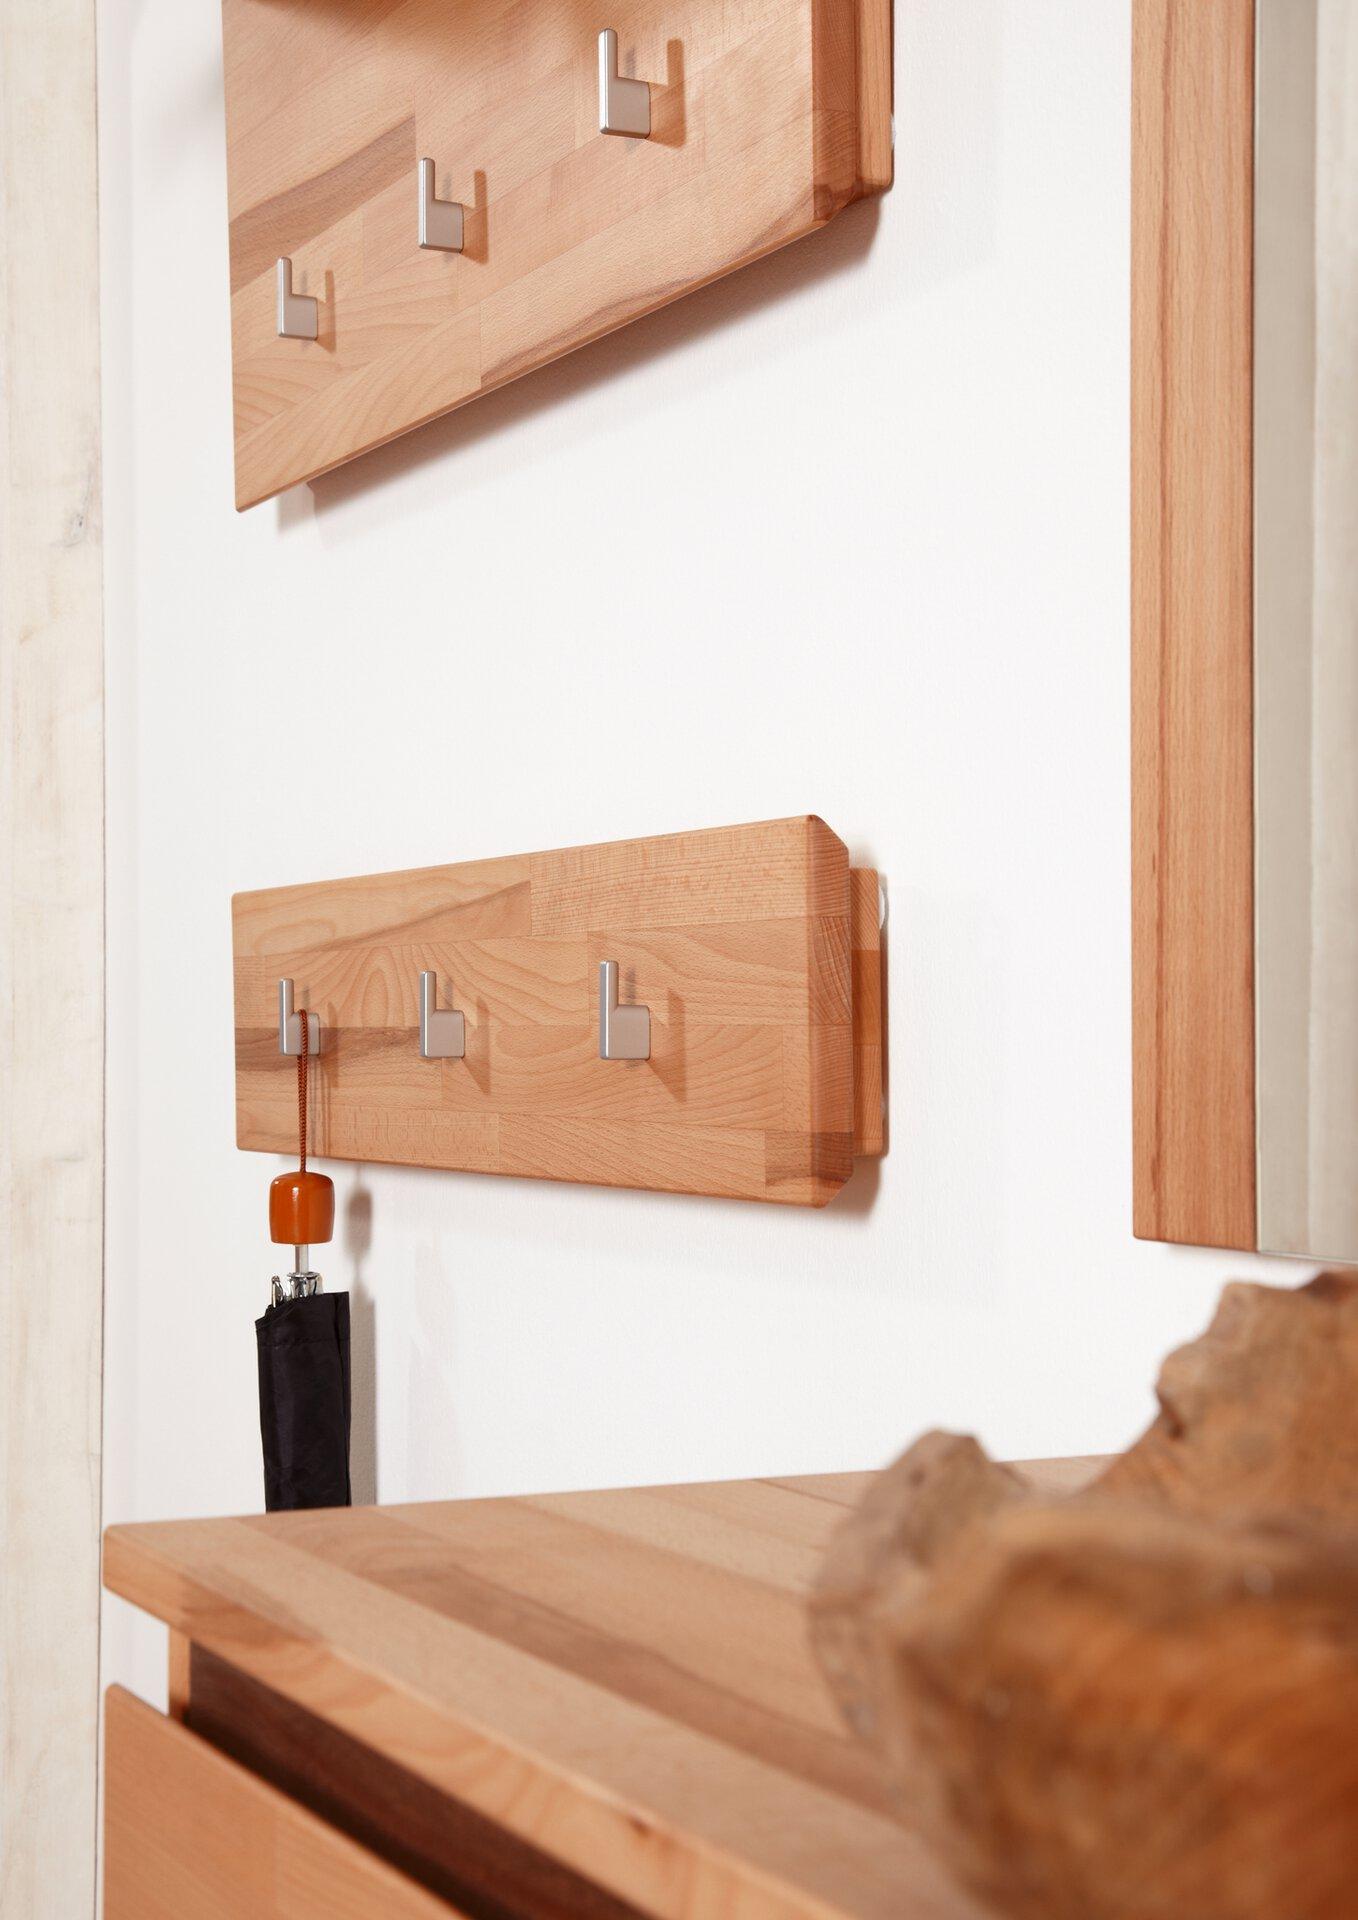 Garderobenpaneel POUR VALMONDO Holz braun 4 x 17 x 80 cm